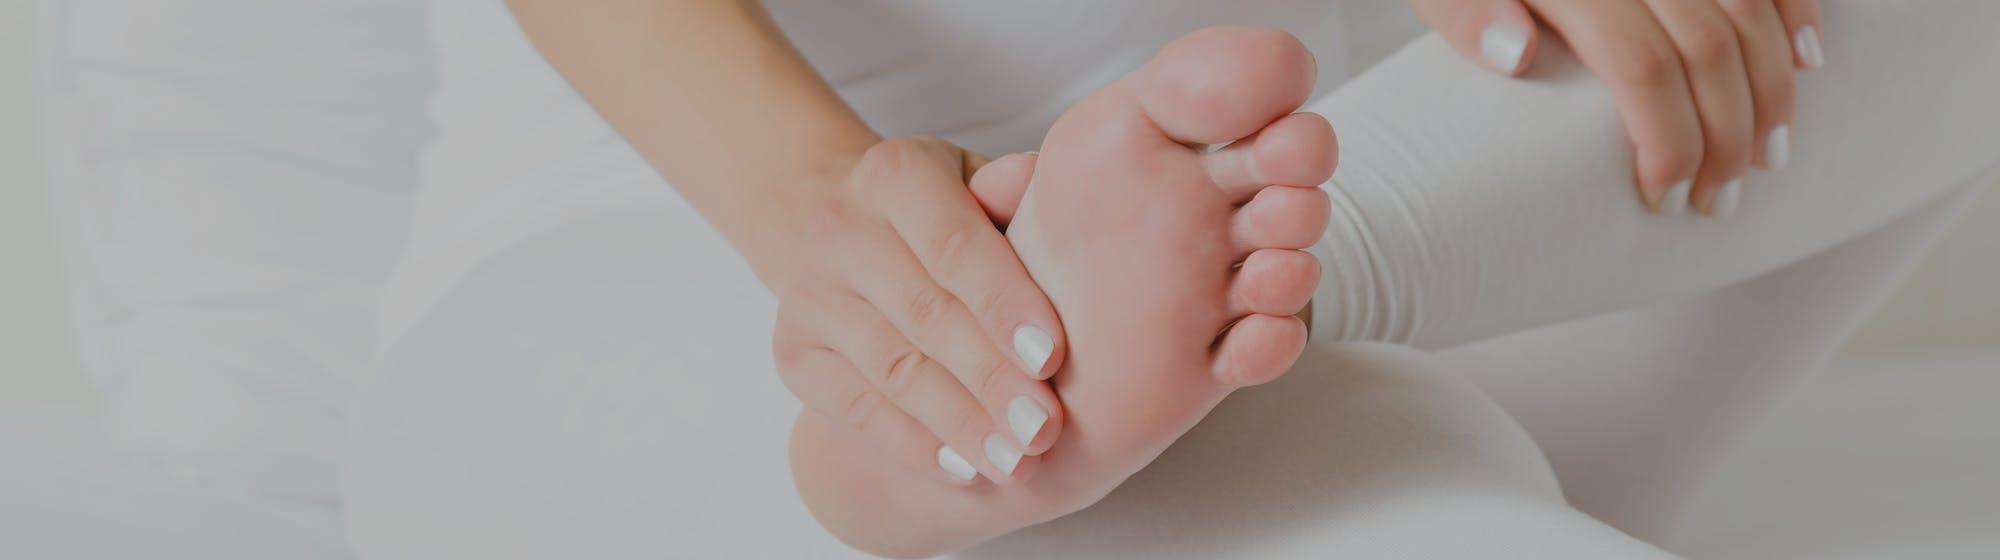 Fußschmerzen Schwangerschaft